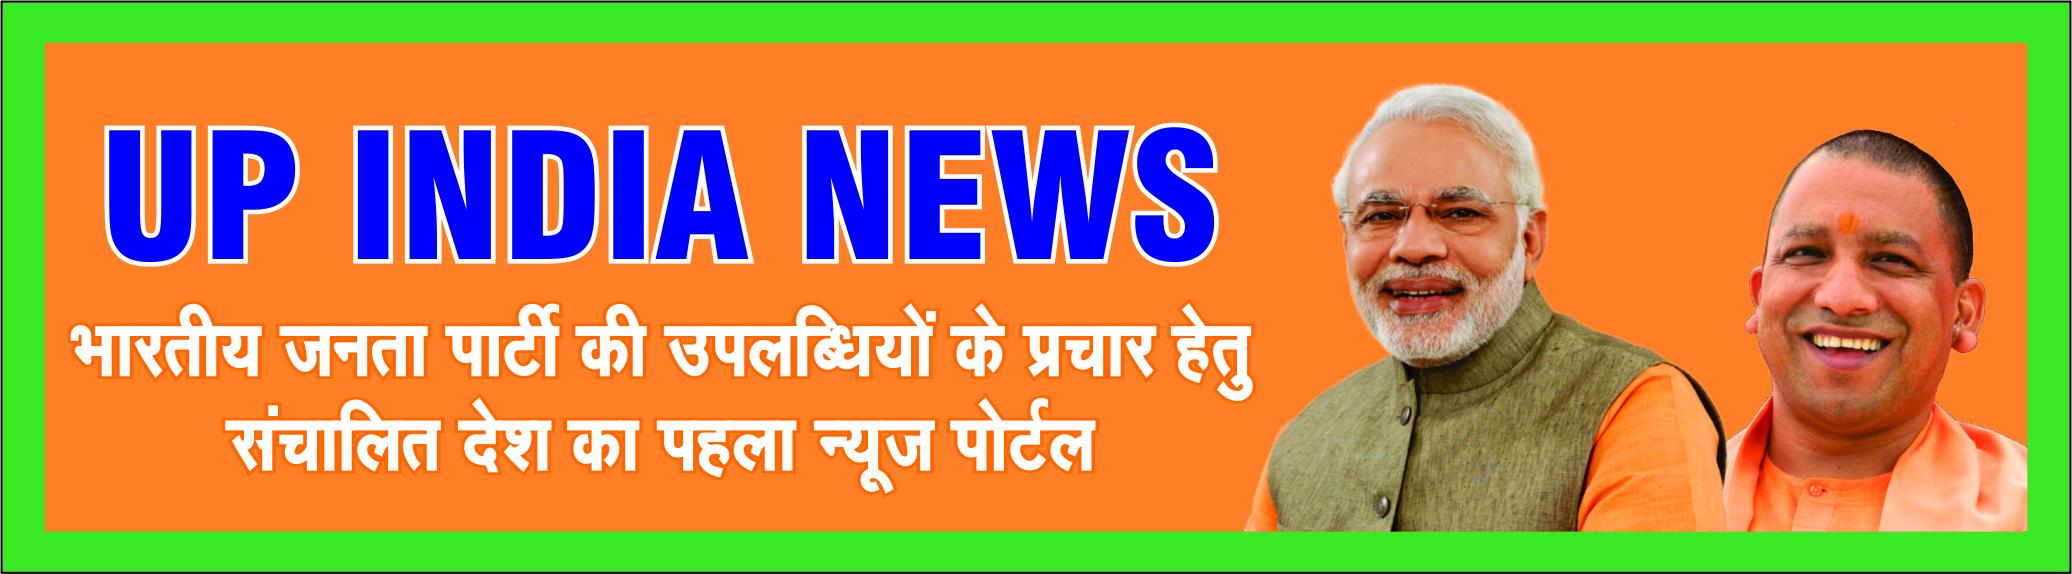 UpIndiaNews